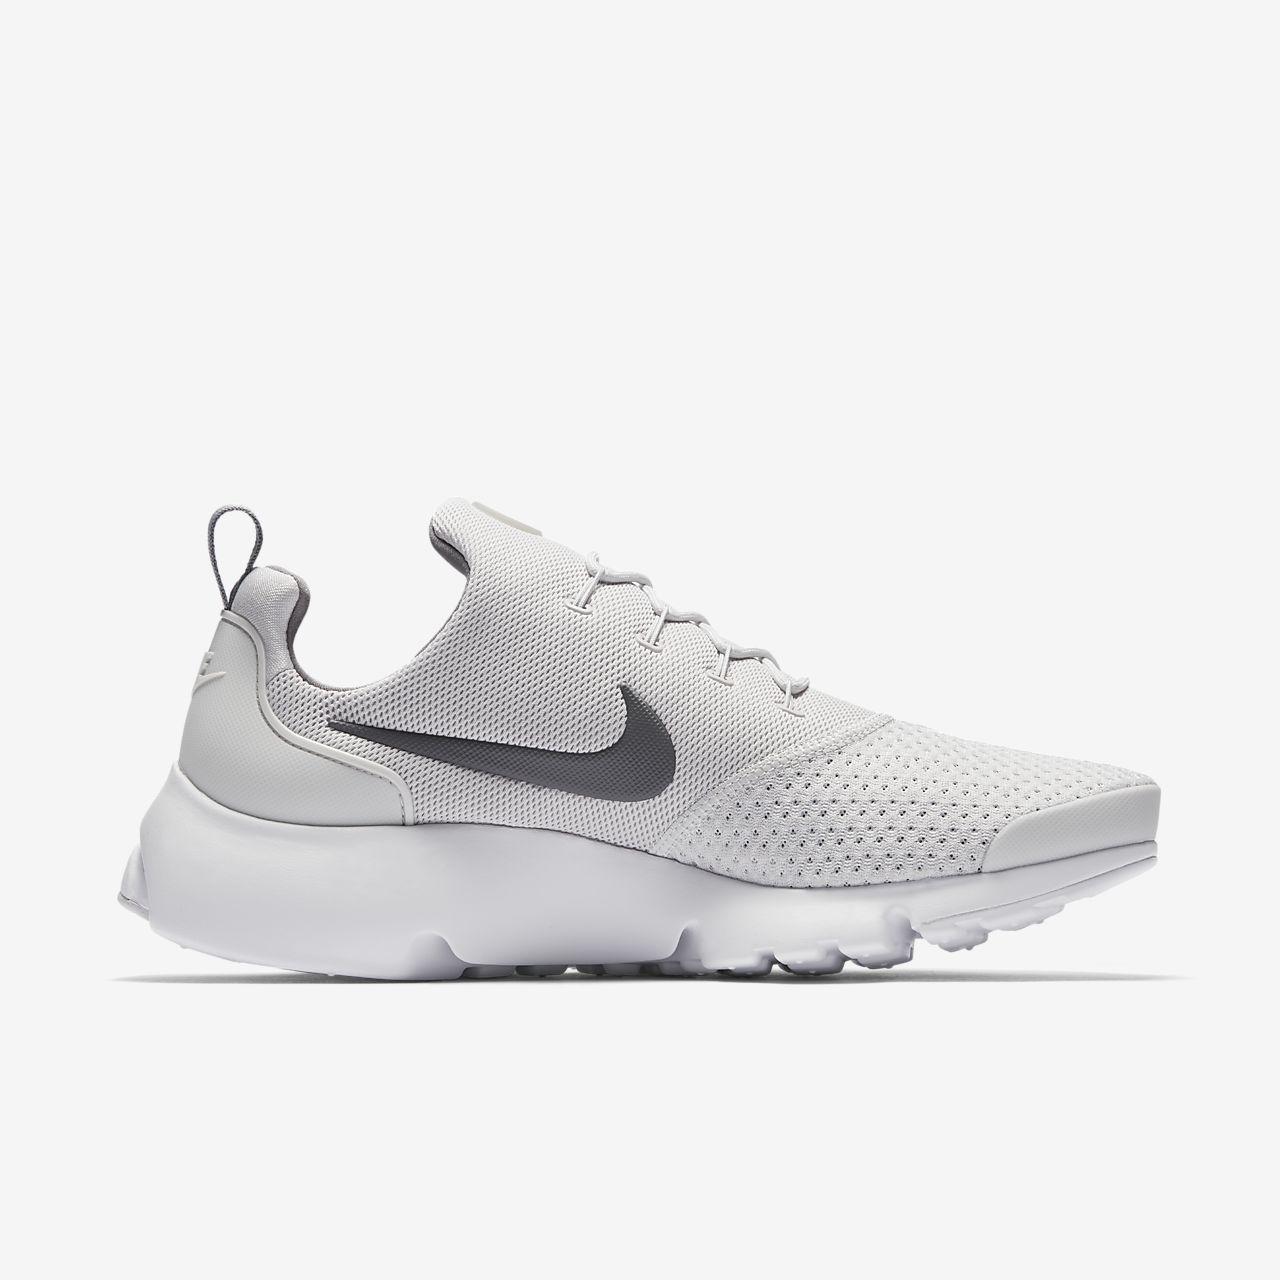 ... Nike Air Presto Fly SE Men's Shoe